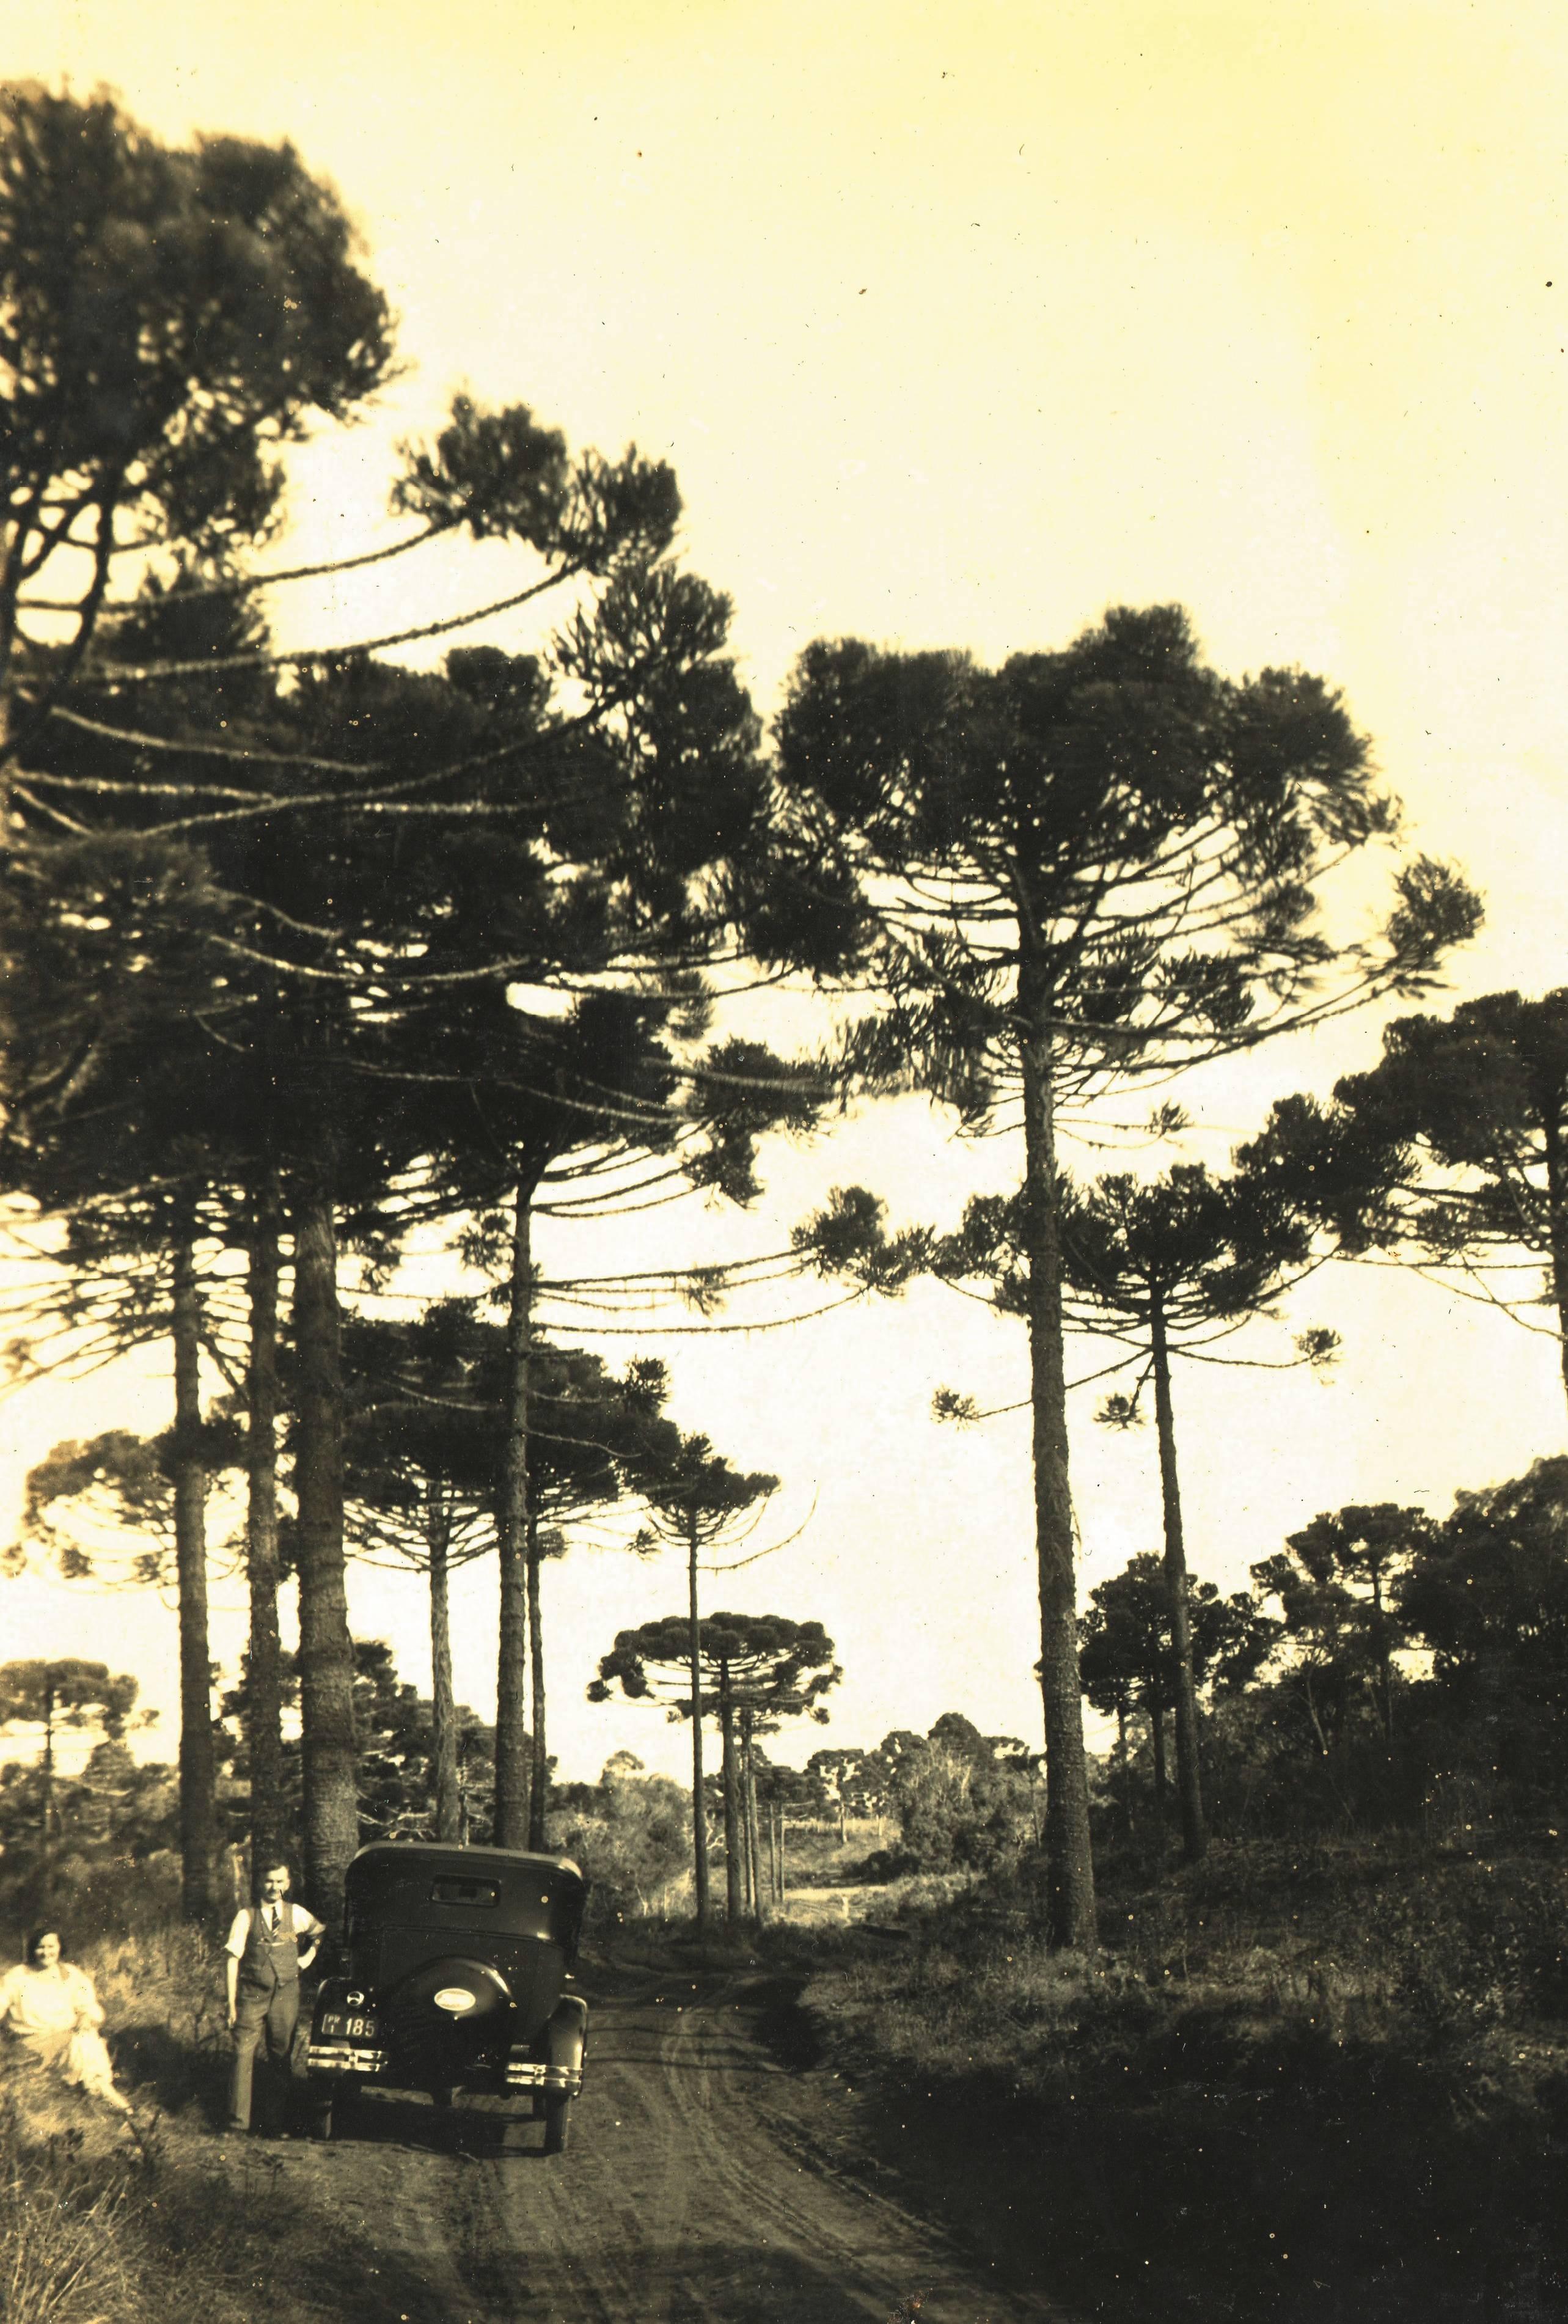 Pinheiros do Paraná, pelo fotógrafo argentino José Peón (1889-1972).